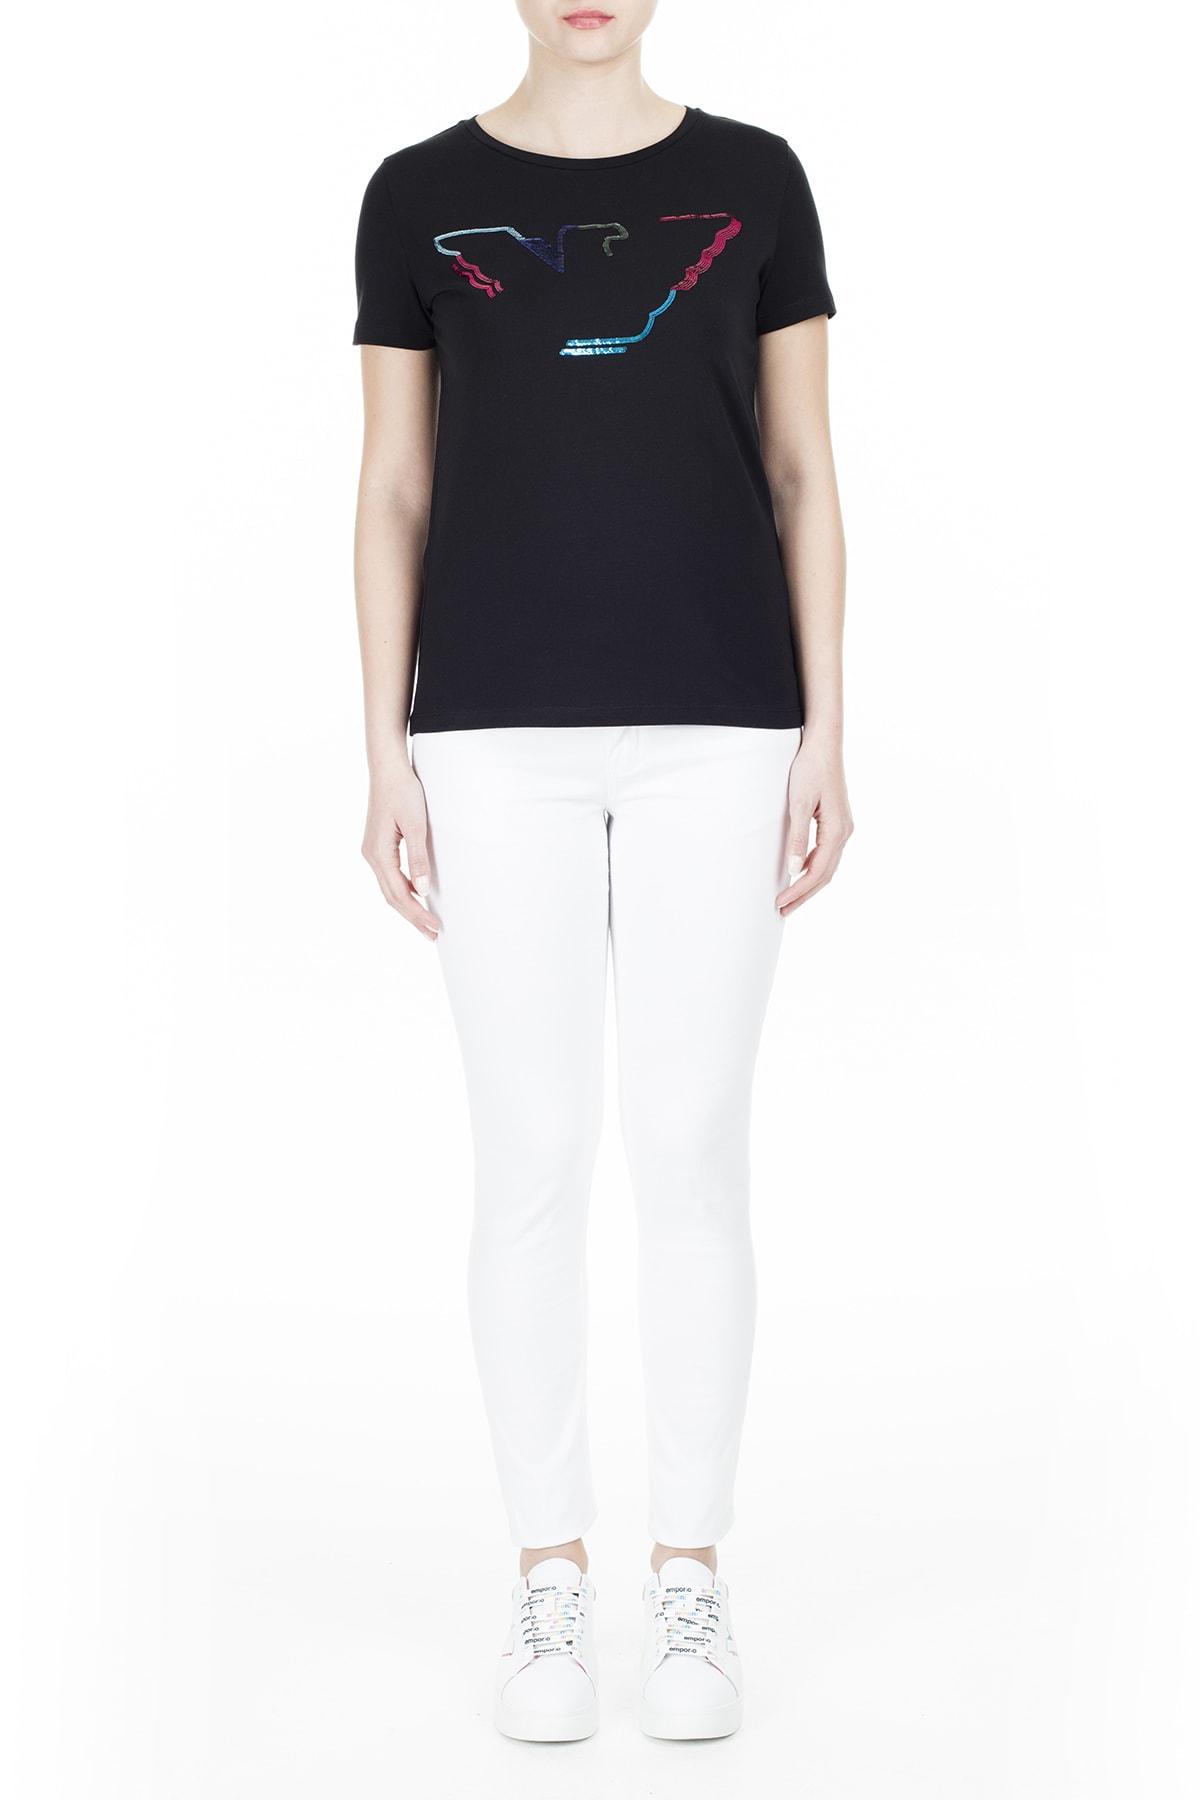 Emporio Armani Kadın Siyah T-Shirt 3H2T6C 2Jqaz 0999 4